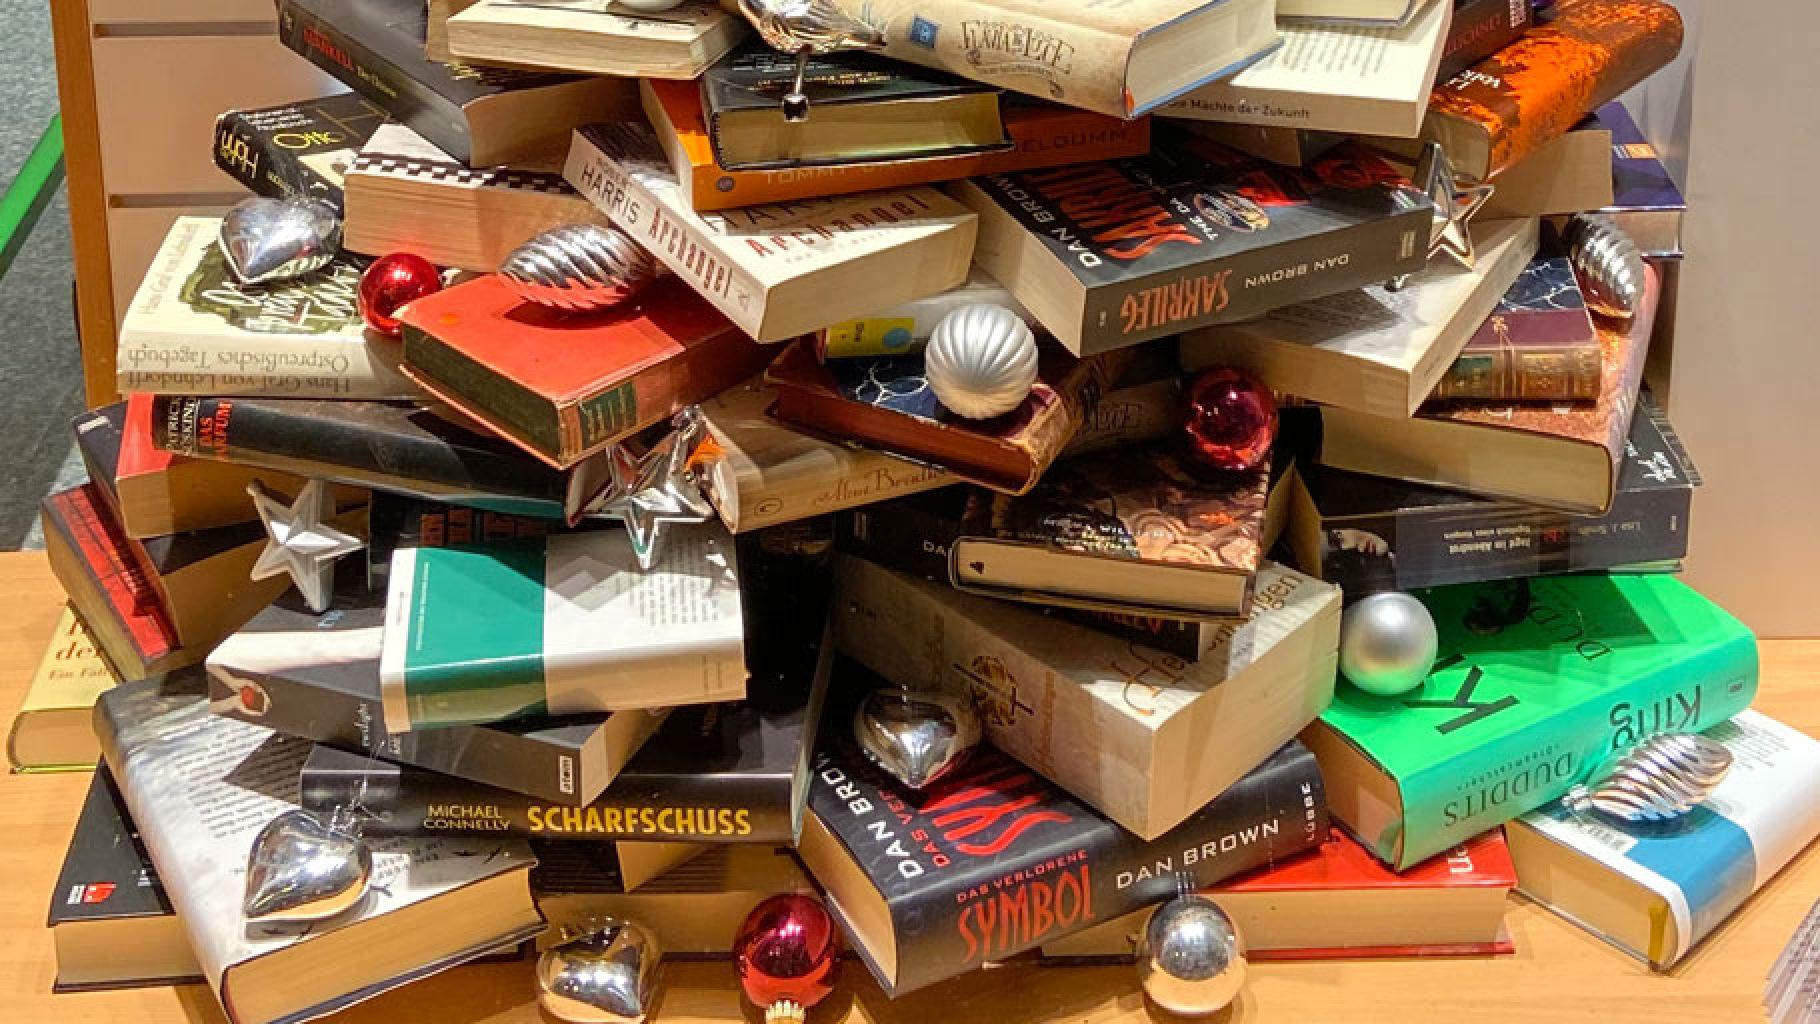 Weihnachtsbaum aus Büchern im Oxfam Shop